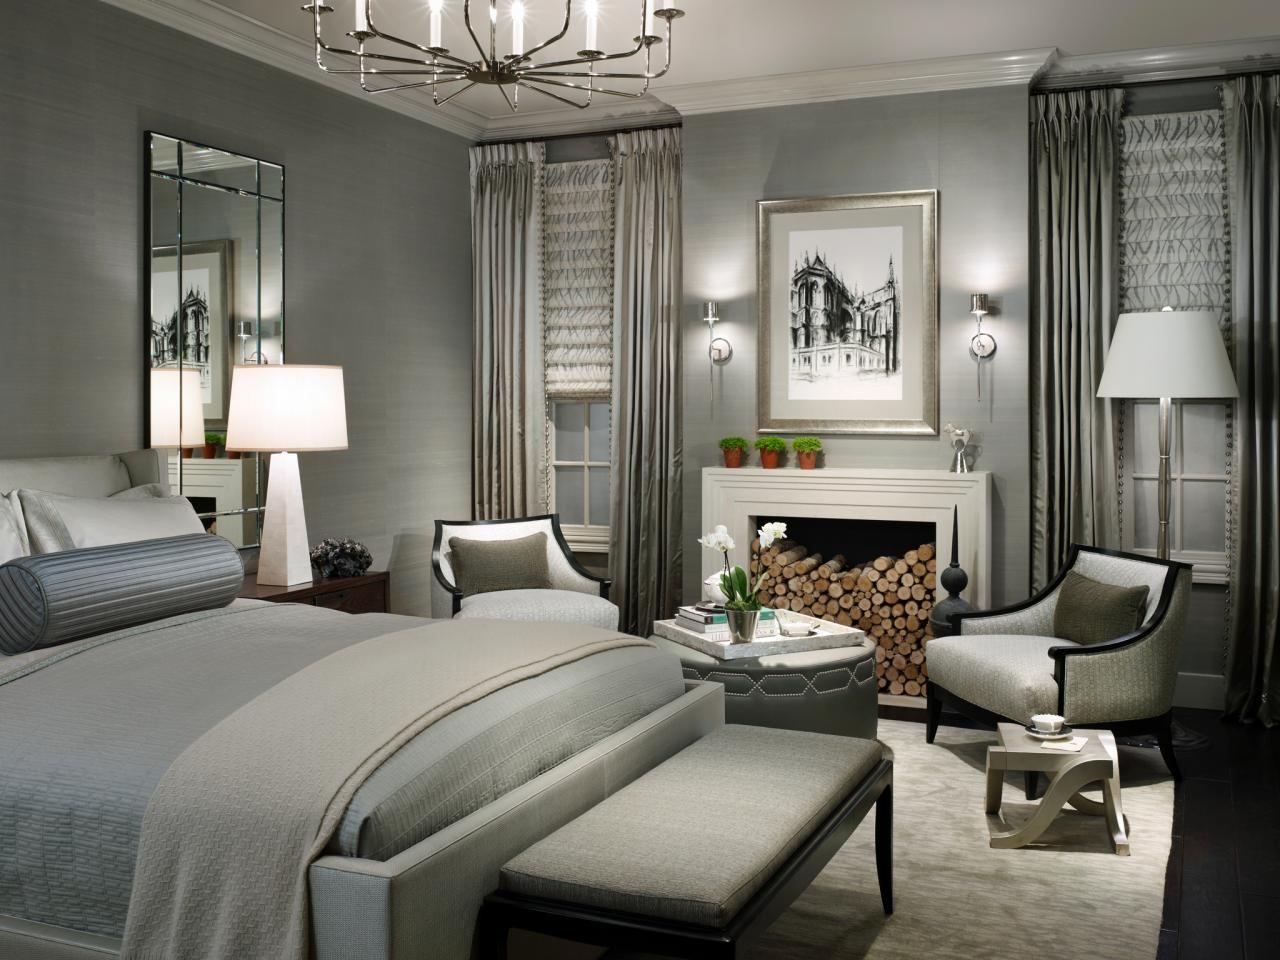 Светлый декор в спальне в серых тонах